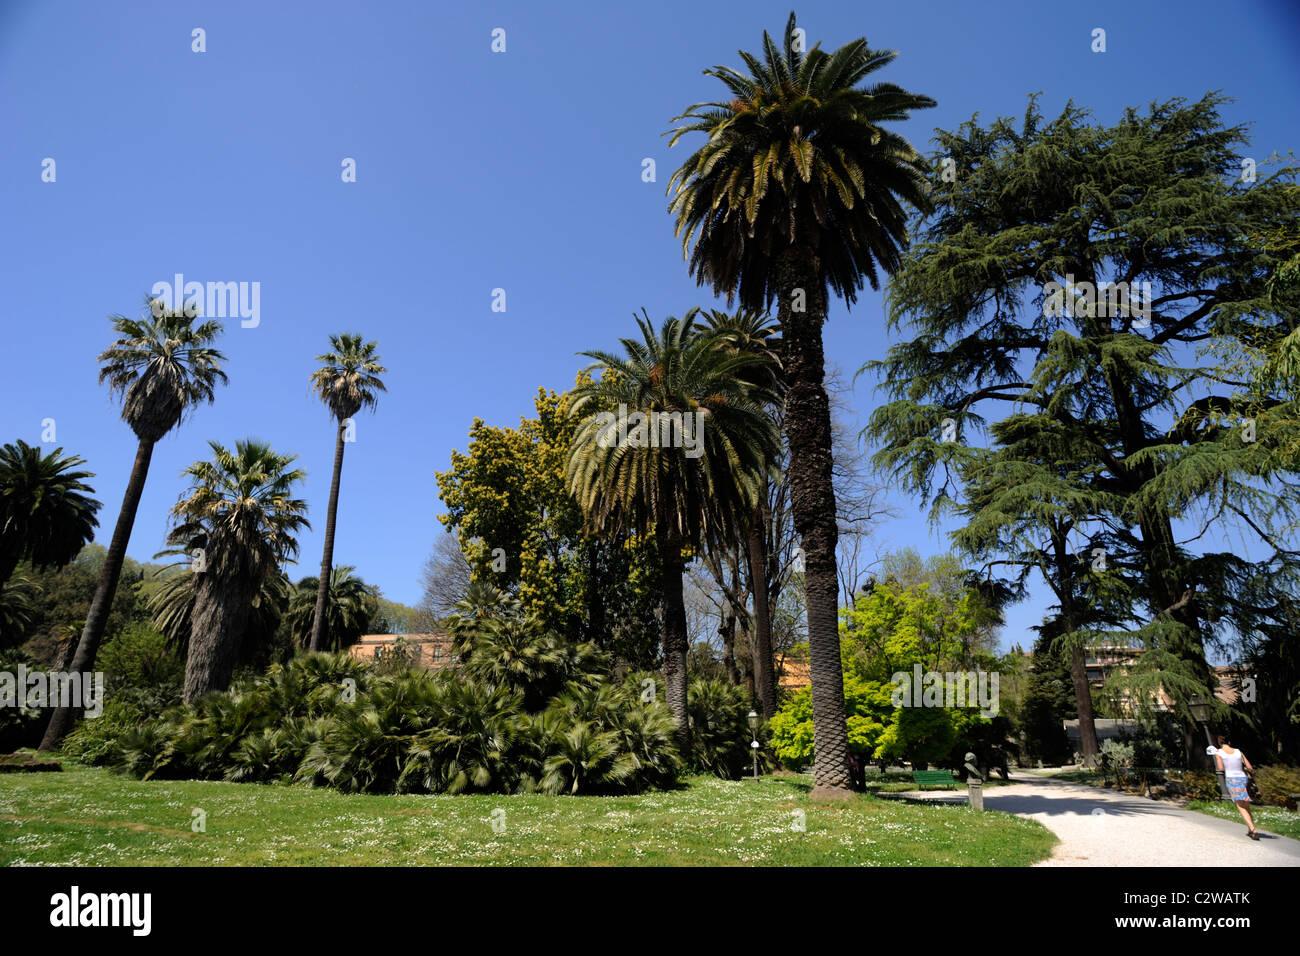 Italia, Roma, a trastevere, orto botanico, giardini botanici Immagini Stock